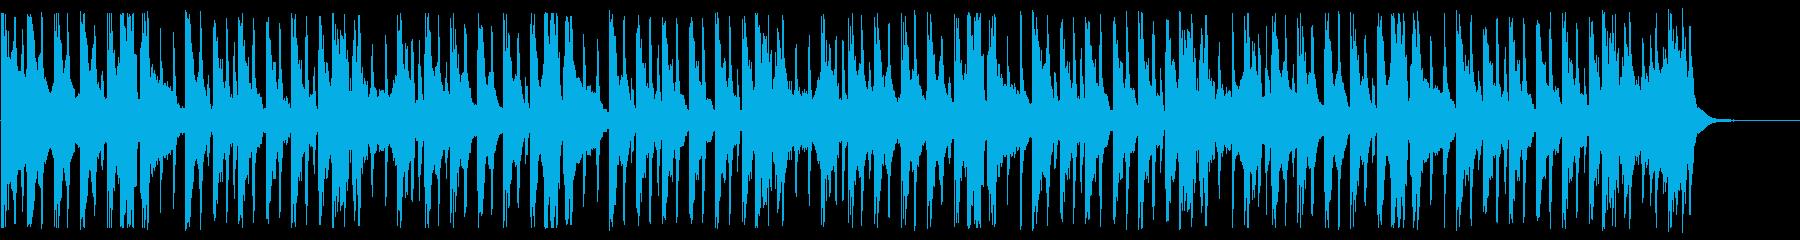 サイバーなディープハウス_No679_4の再生済みの波形